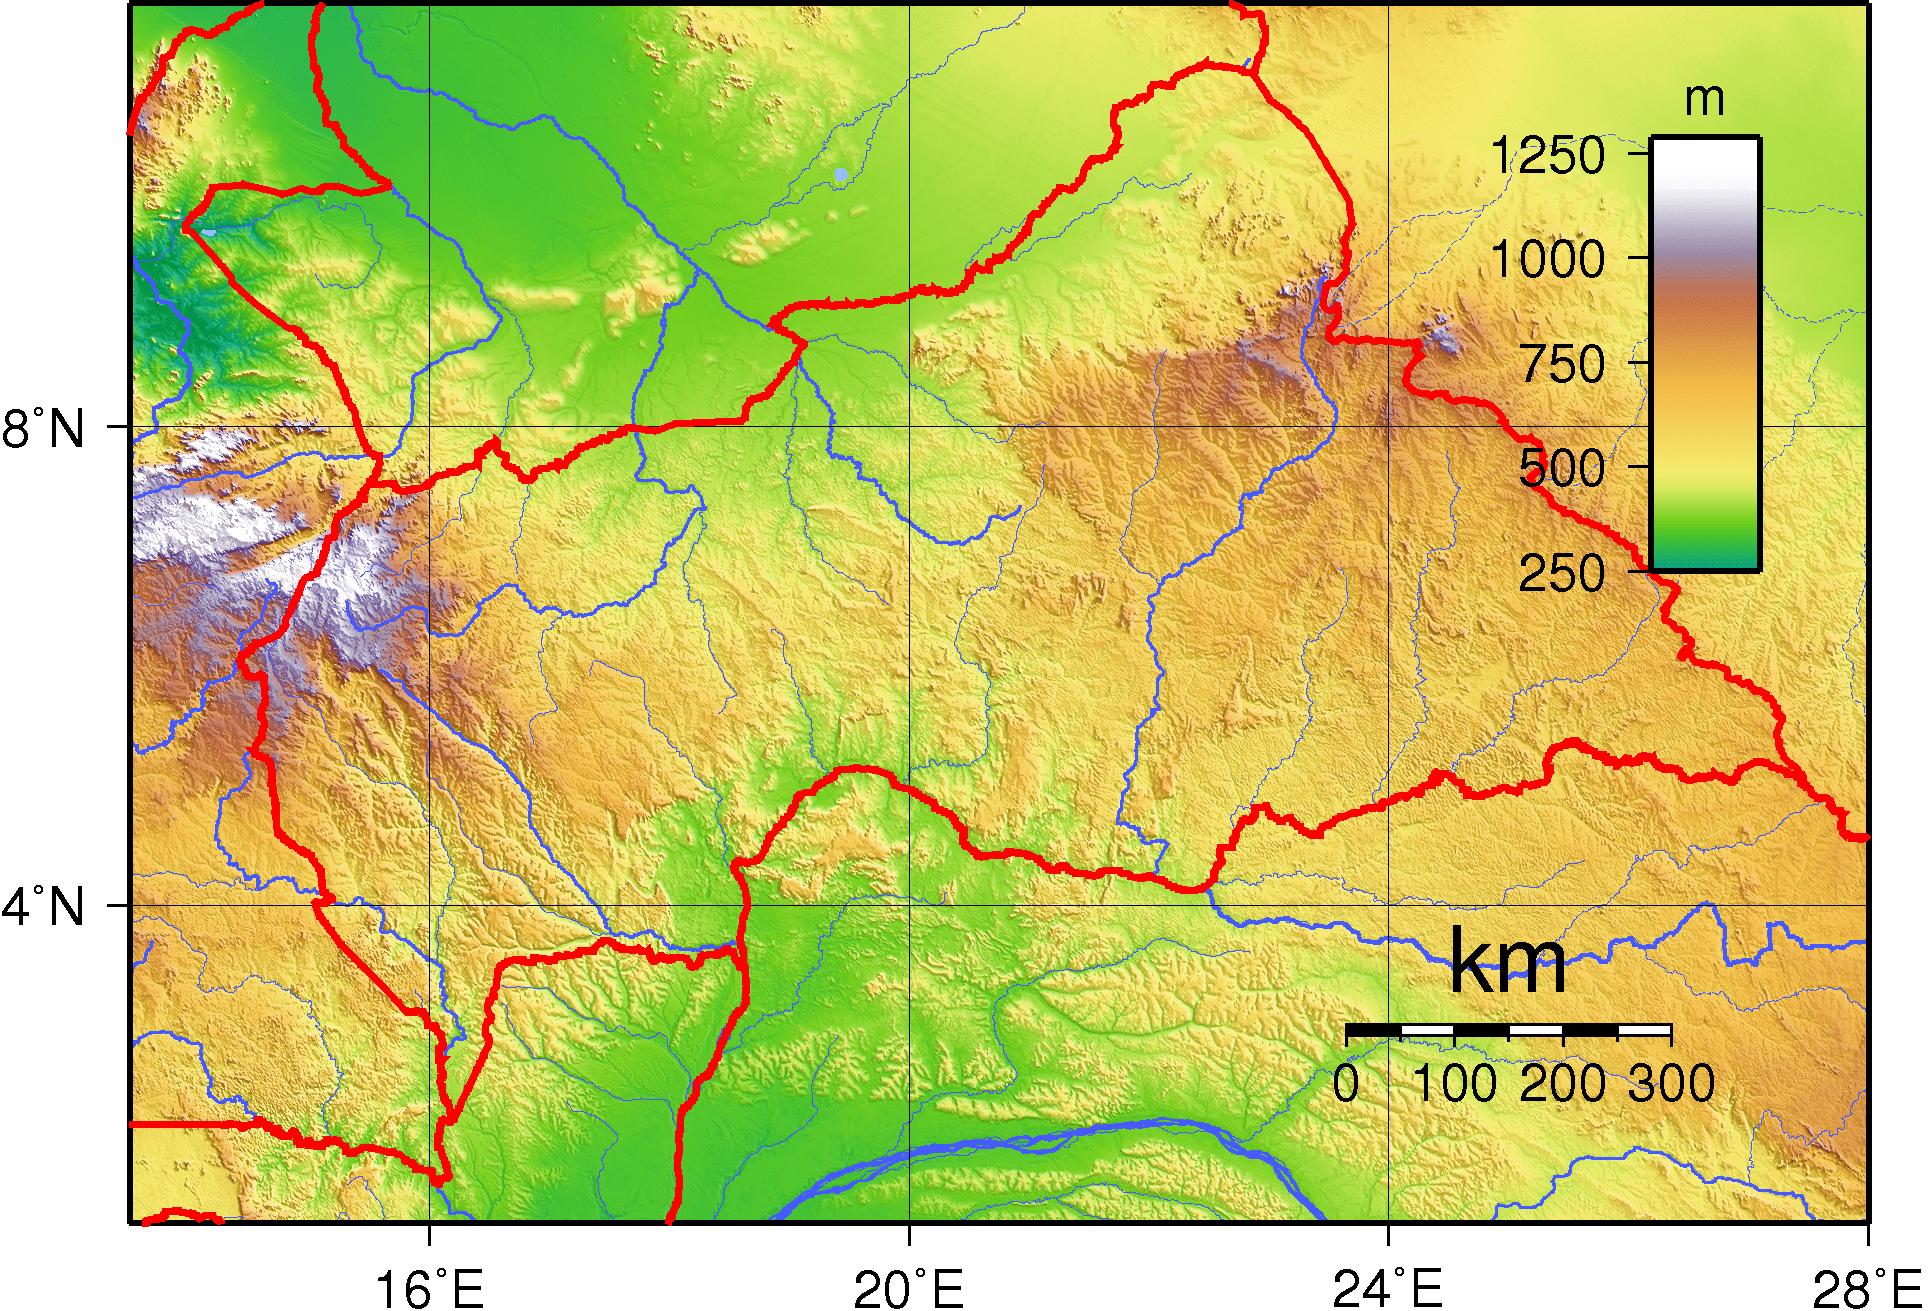 خريطة إفريقيا الوسطى